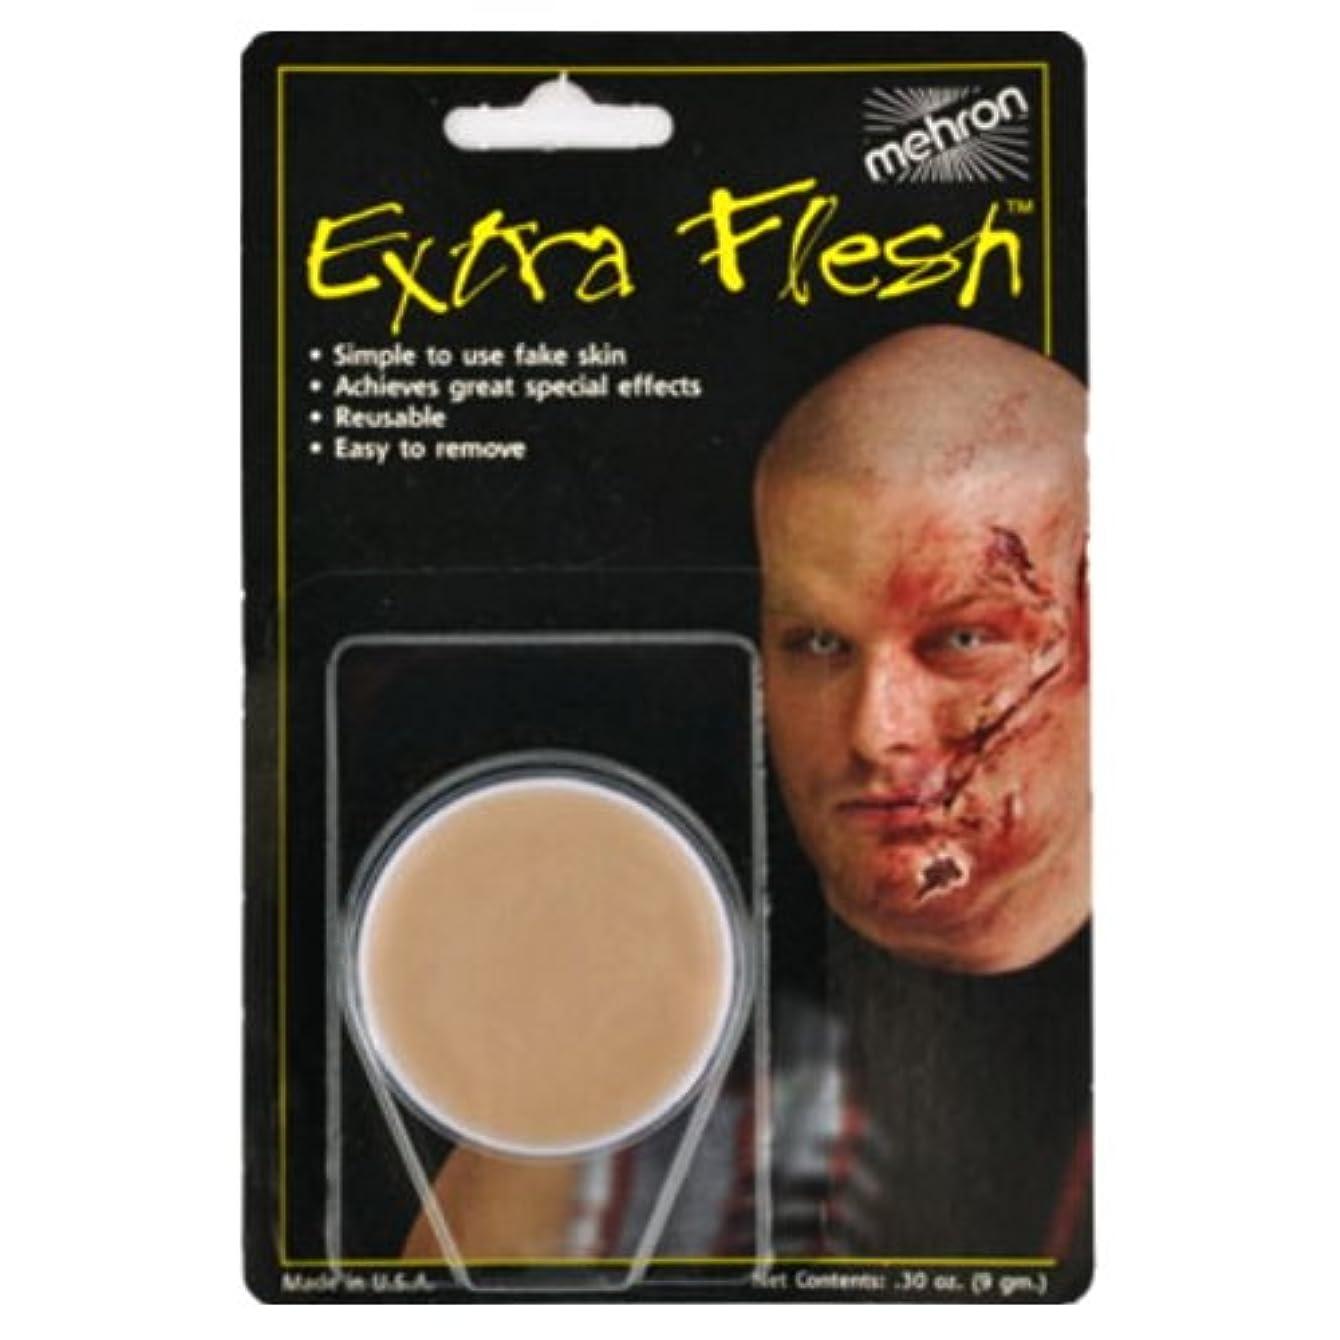 蒸発ドレイン成熟した(3 Pack) mehron Extra Flesh (並行輸入品)